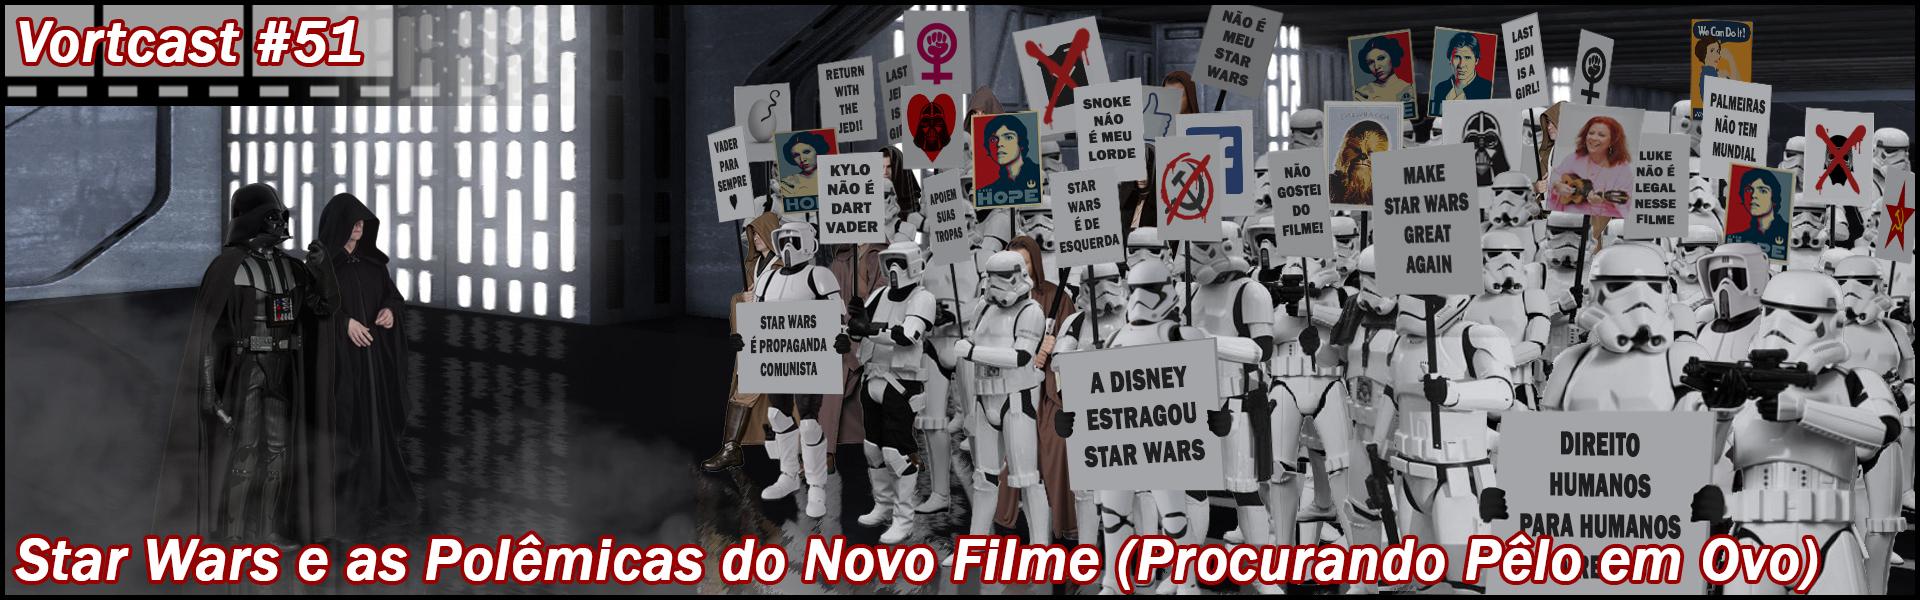 VortCast 51 | Star Wars e as Polêmicas do Novo Filme (Ou Procurando Pelo em Ovo)